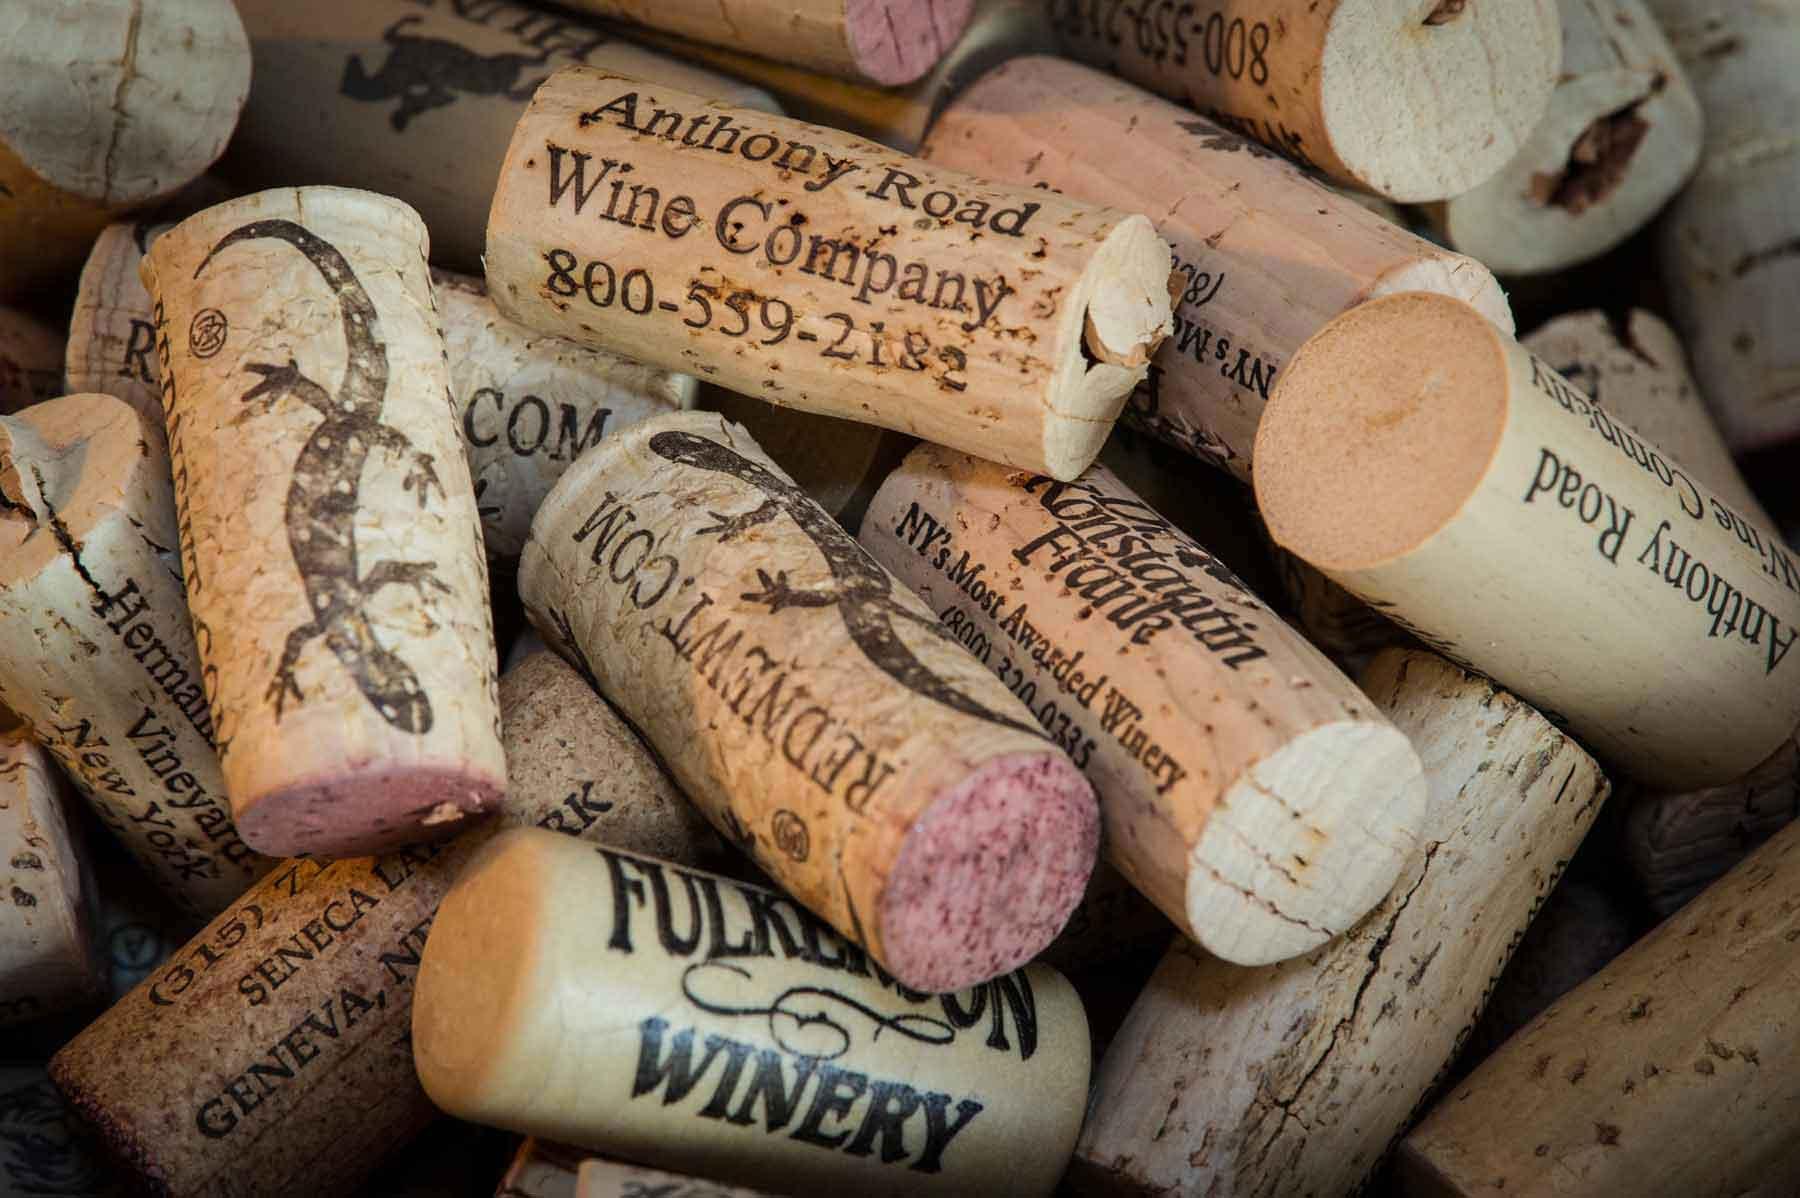 Sunrise Landing B&B Wine corks in a bunch